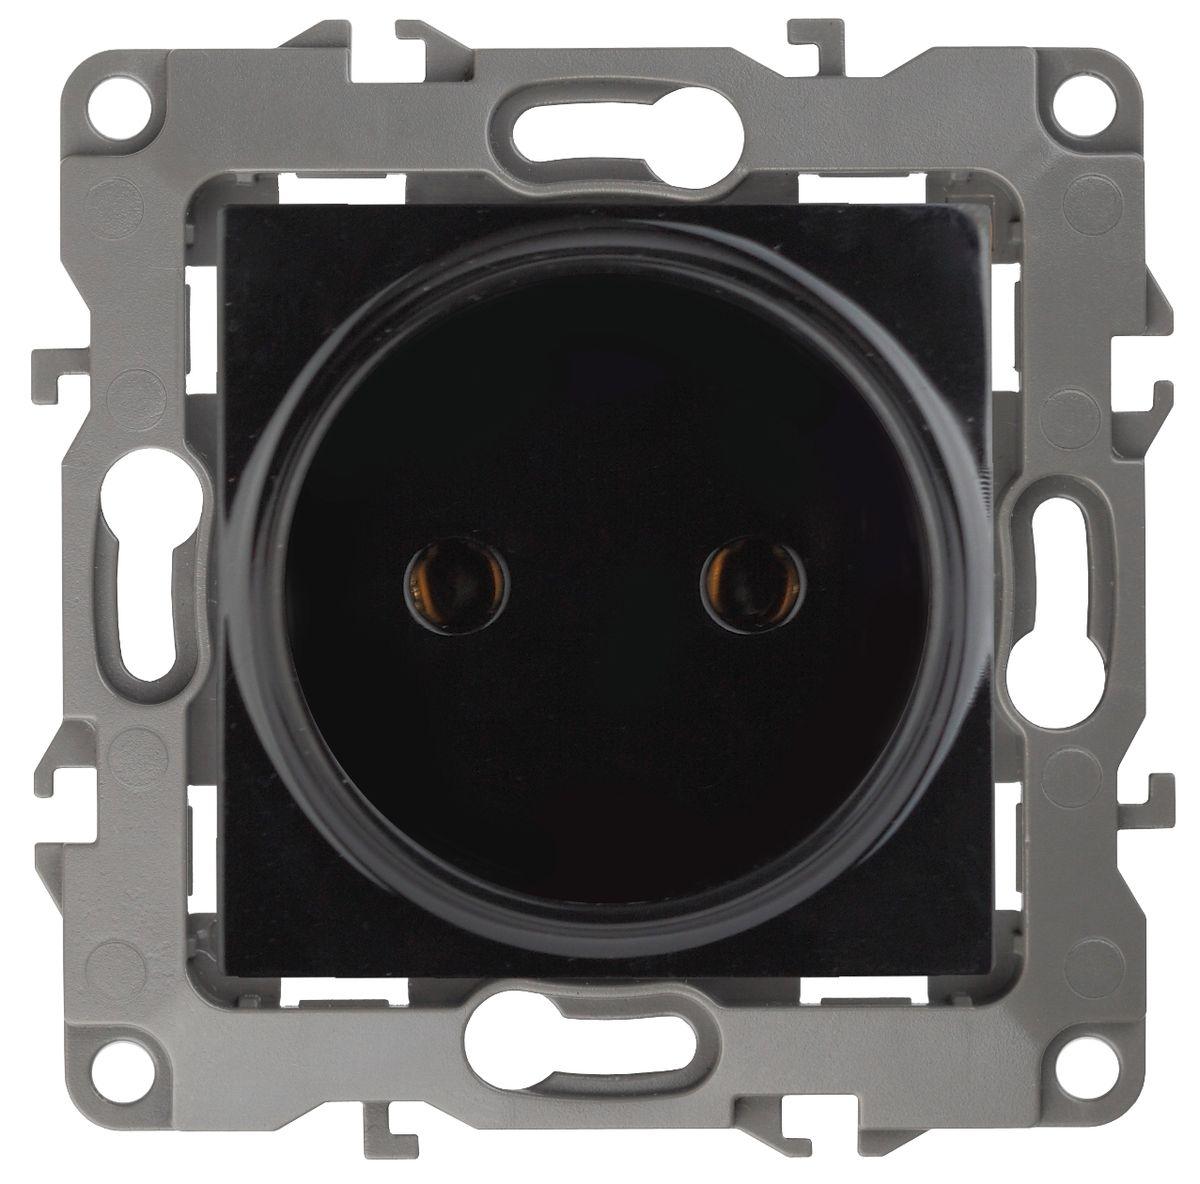 Розетка ЭРА 2P, 16АХ-250В, Эра12, черный12-2105-06Автоматические зажимы. Такие зажимы кабеля обеспечивают быстрый и надежный монтаж изделия к электросети без отвертки и не требуют обслуживания в отличие от винтовых зажимов.